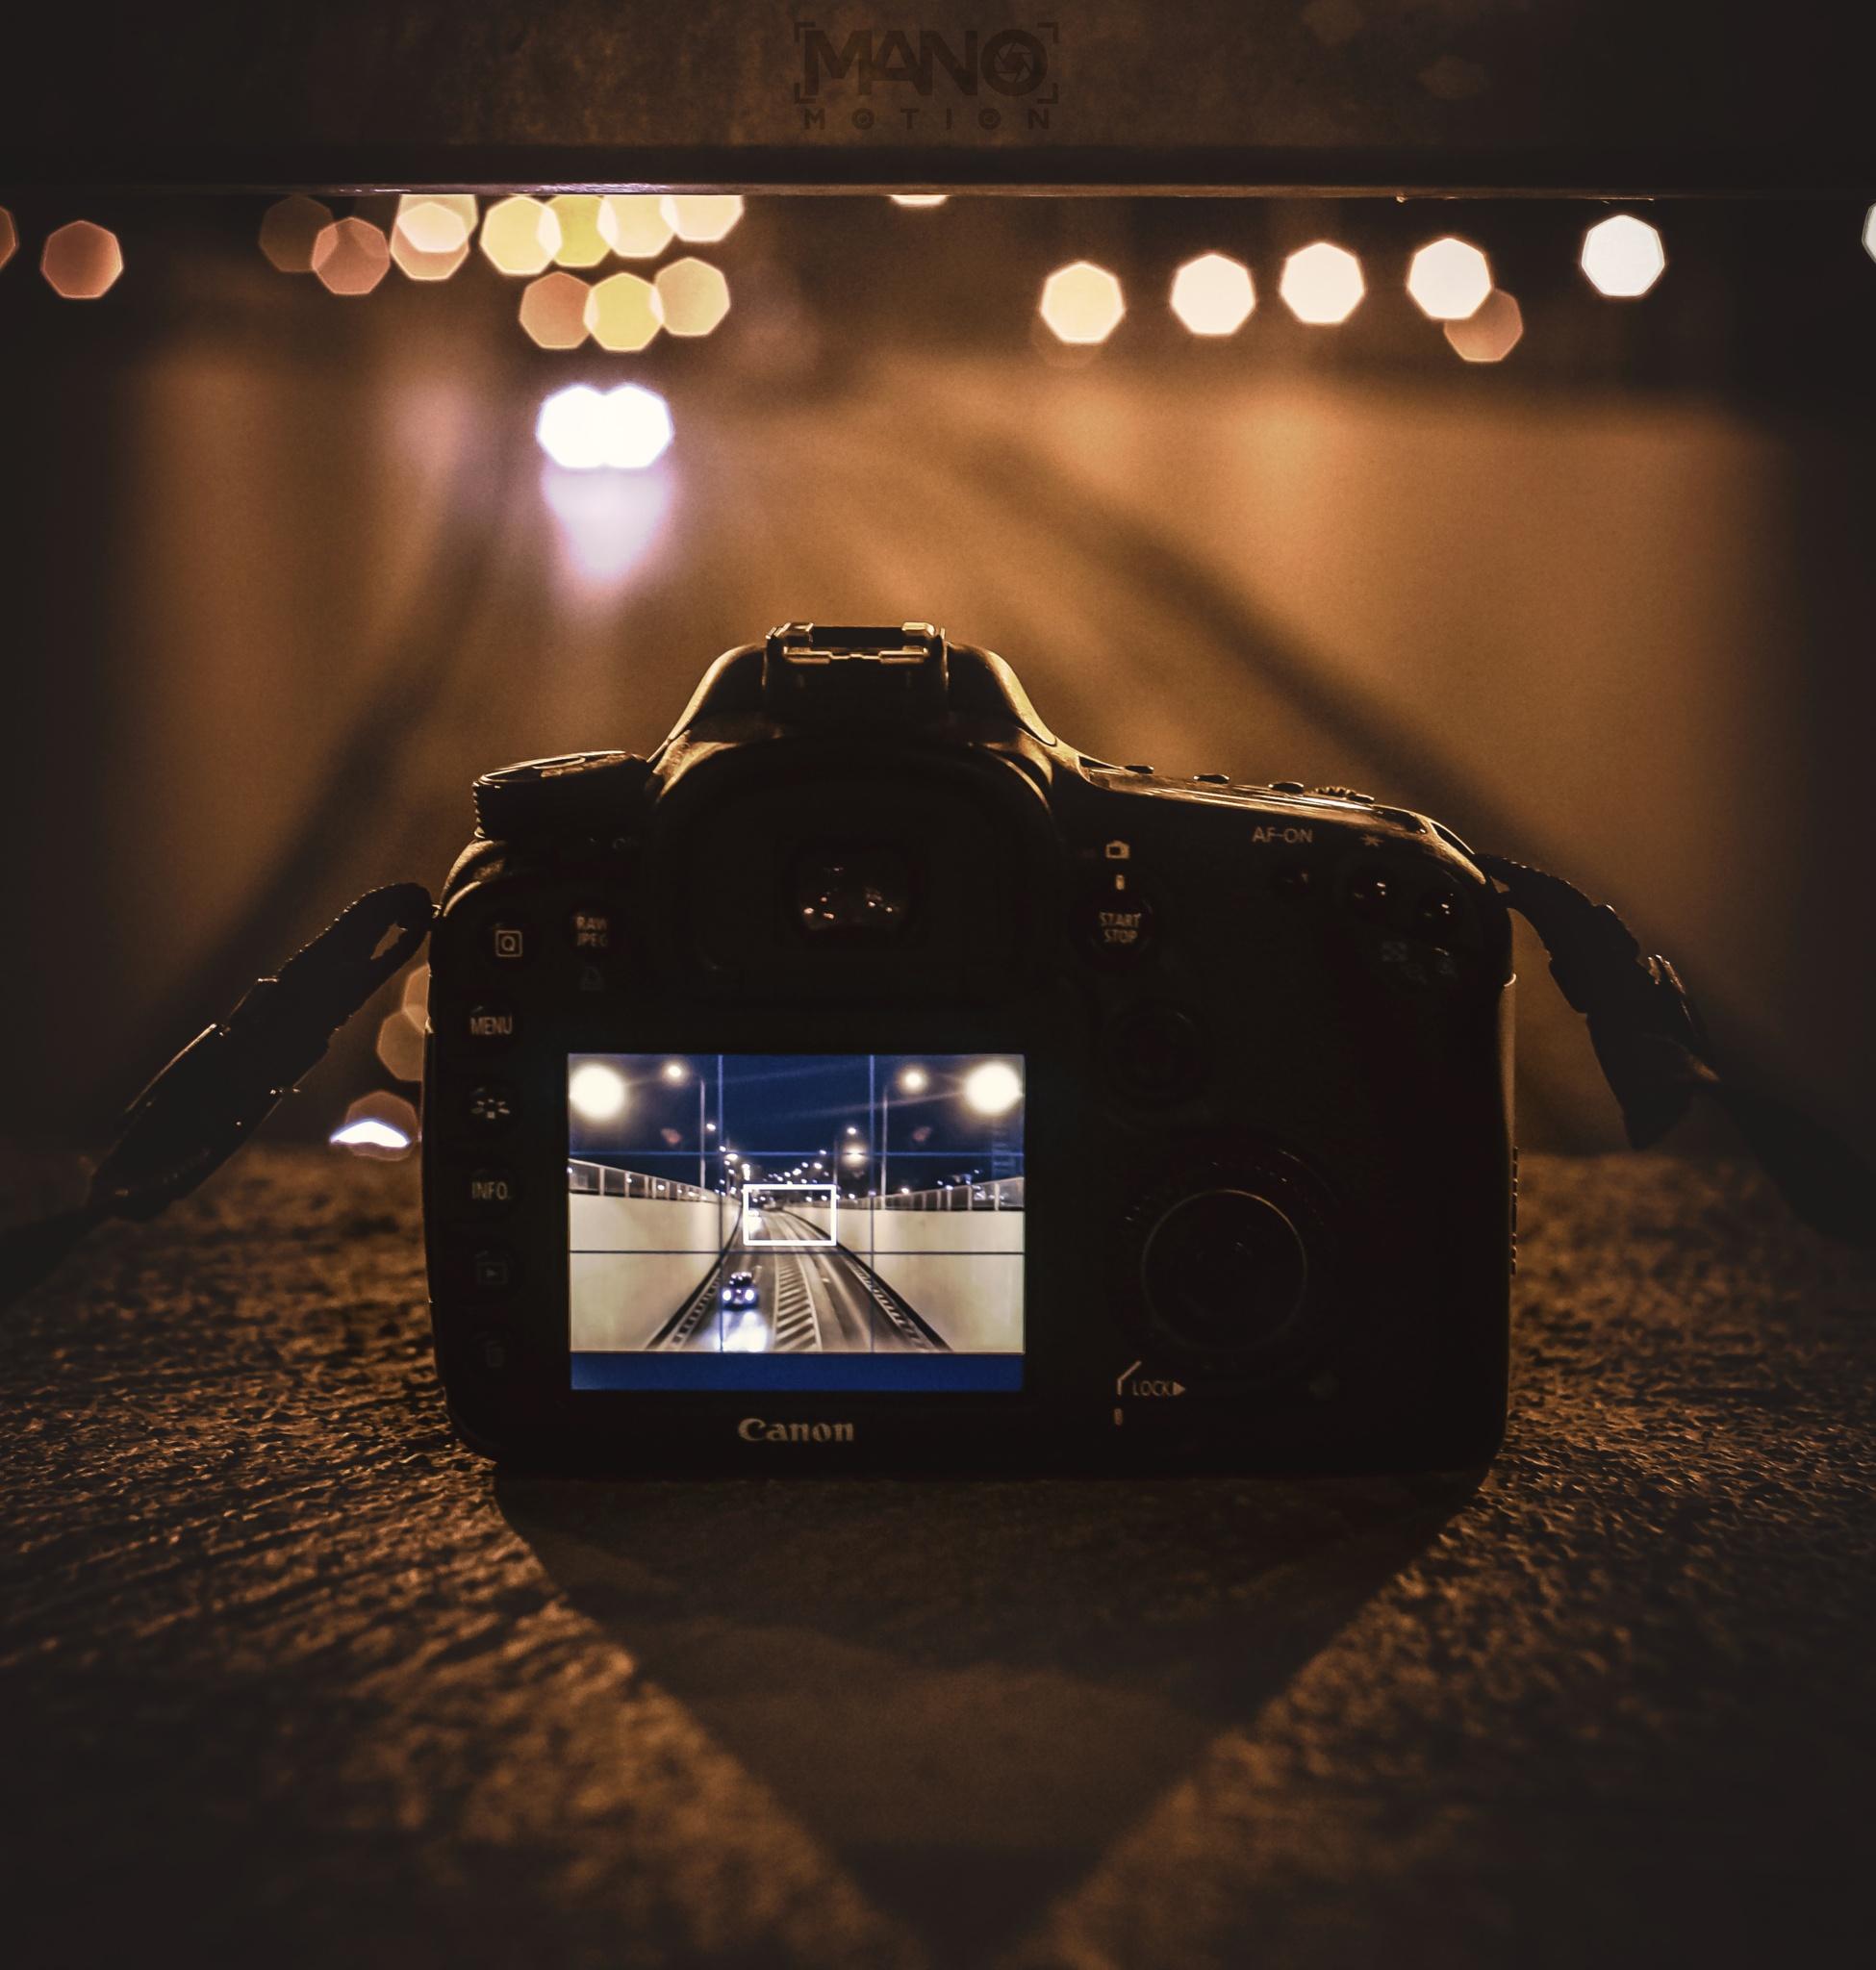 Through camera eye by Vlad Manoliu